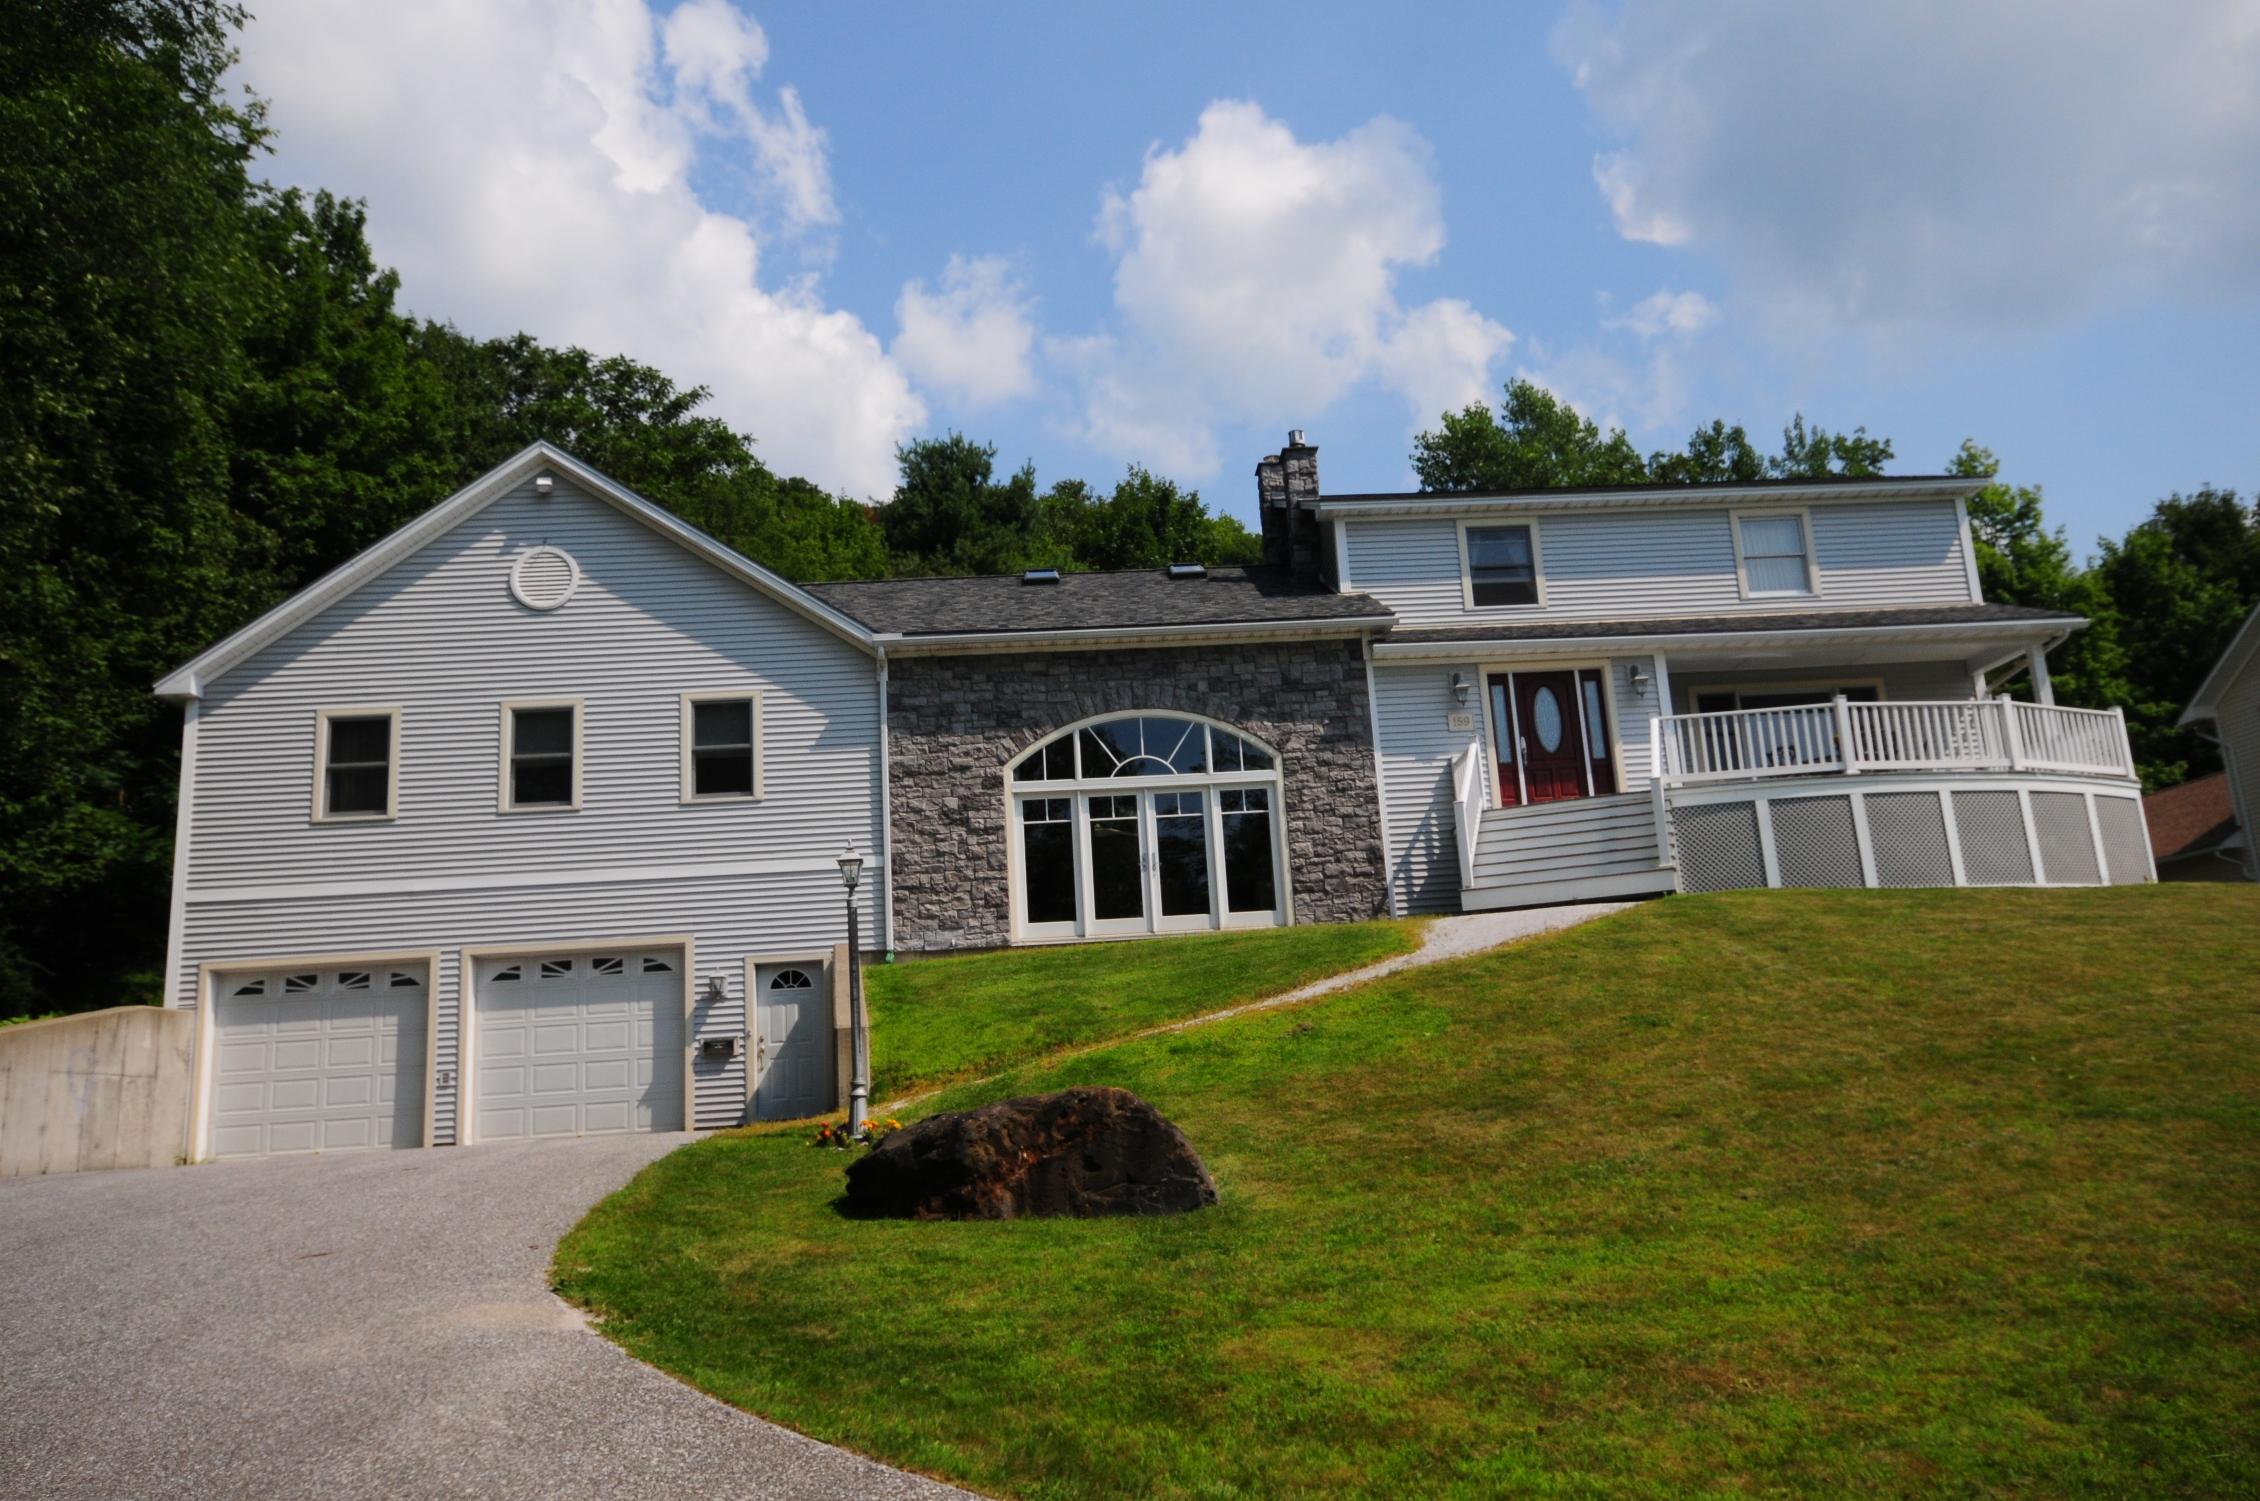 Casa para uma família para Venda às 159 High St, St. Albans City St. Albans, Vermont 05478 Estados Unidos